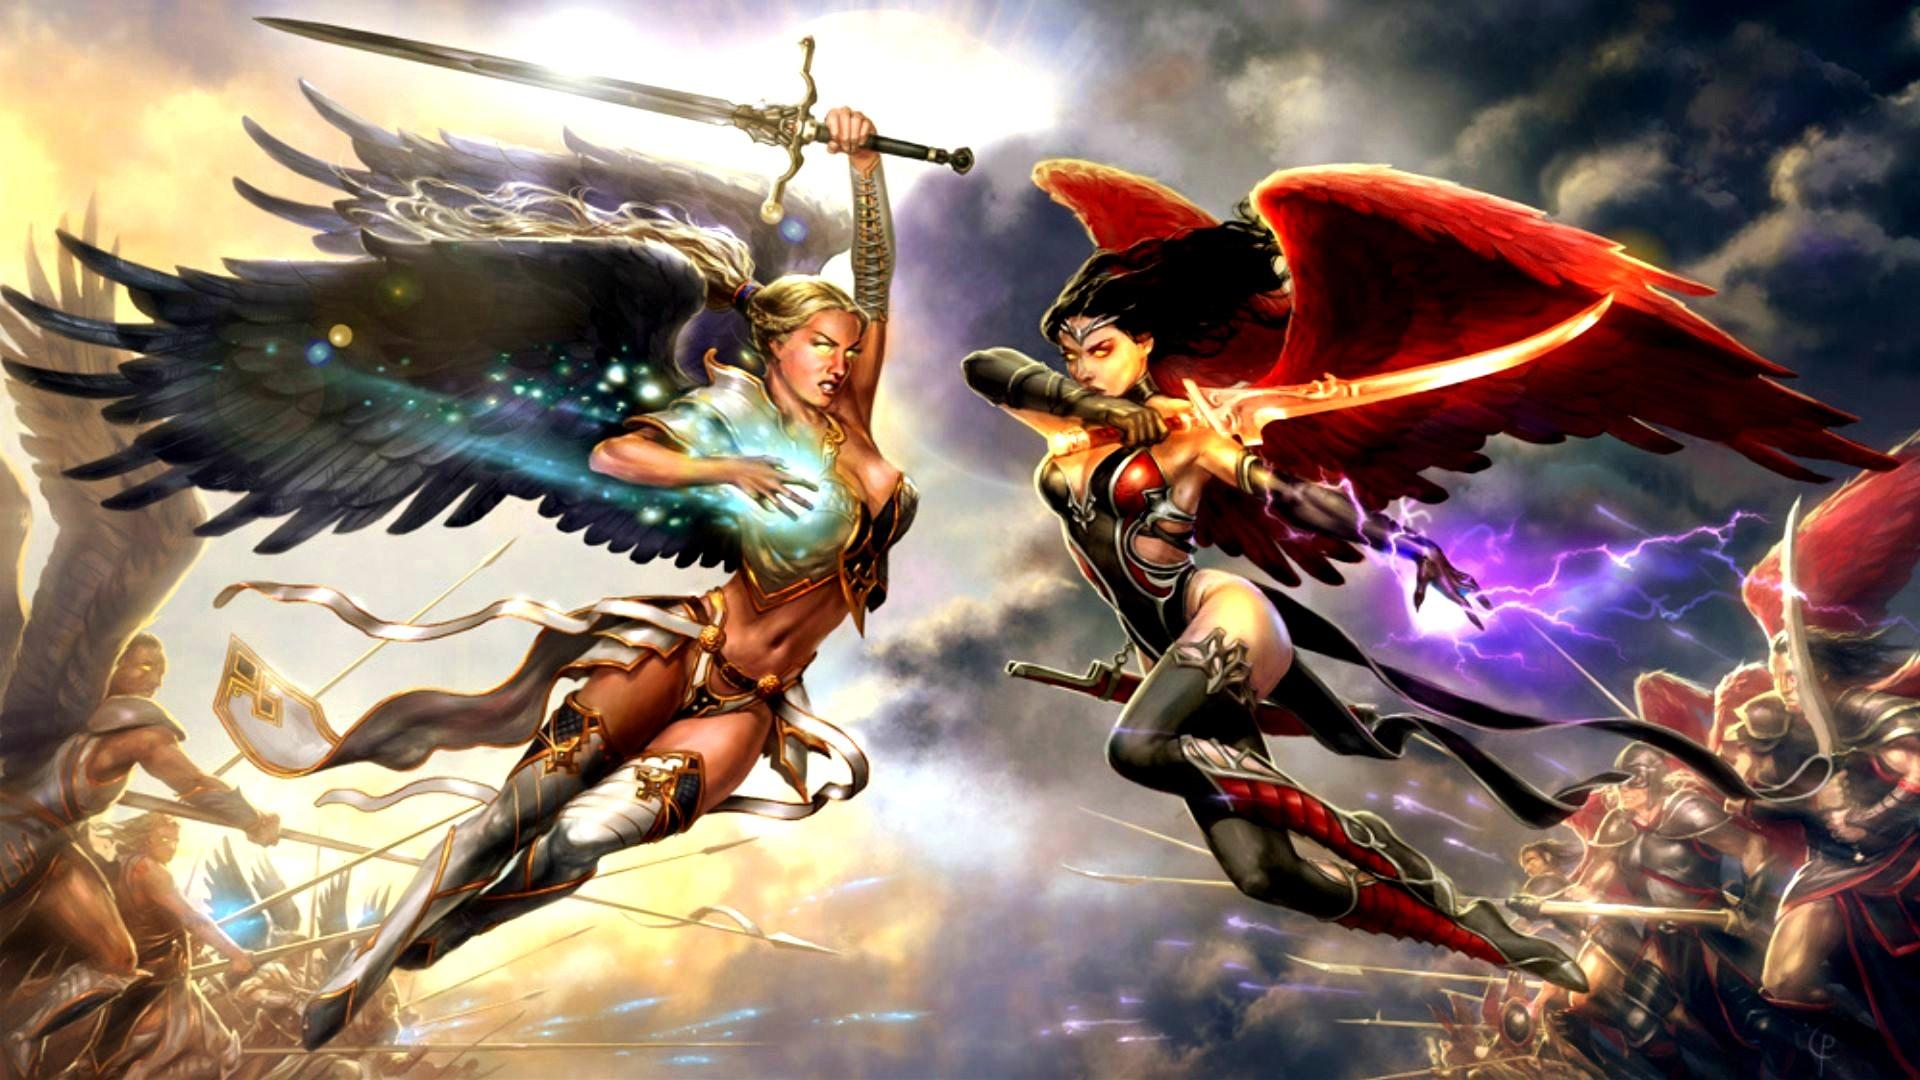 сражающиеся ангелы картинки блоге